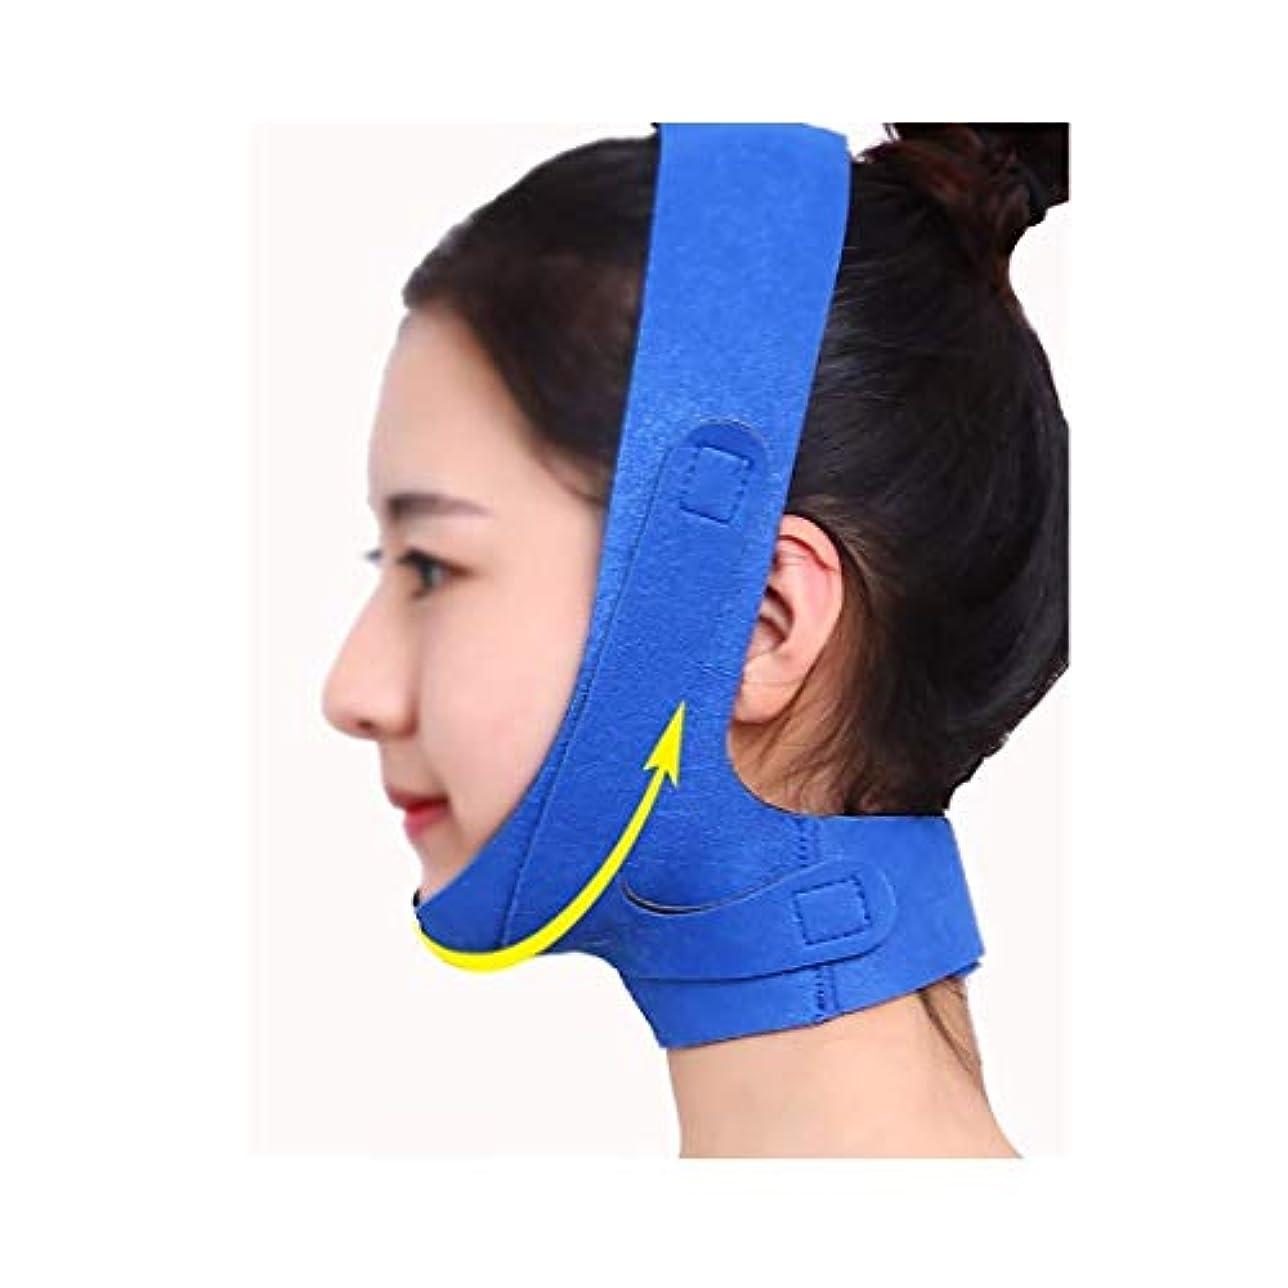 セクション爪条件付きフェイスリフトマスク、あごストラップ回復包帯睡眠薄いフェイスバンデージ薄いフェイスマスクフェイスリフトアーティファクトフェイスリフト美容マスク包帯青いフェイスマスクで小さなV顔を強化するには